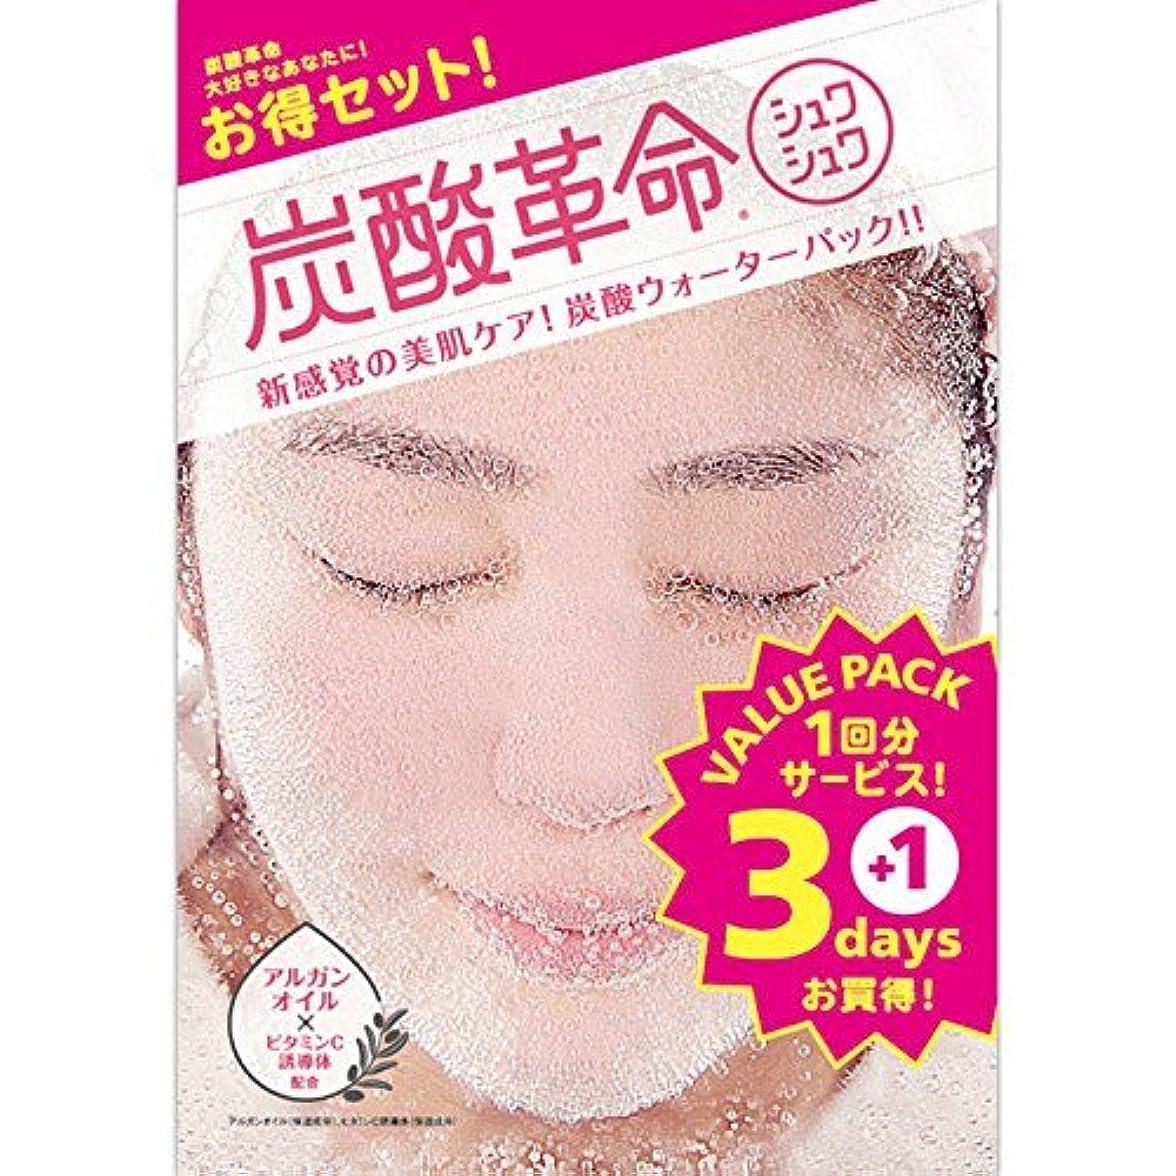 韓国語ディプロマ冷蔵庫シナプス 炭酸革命シュワシュワ3days+1 _